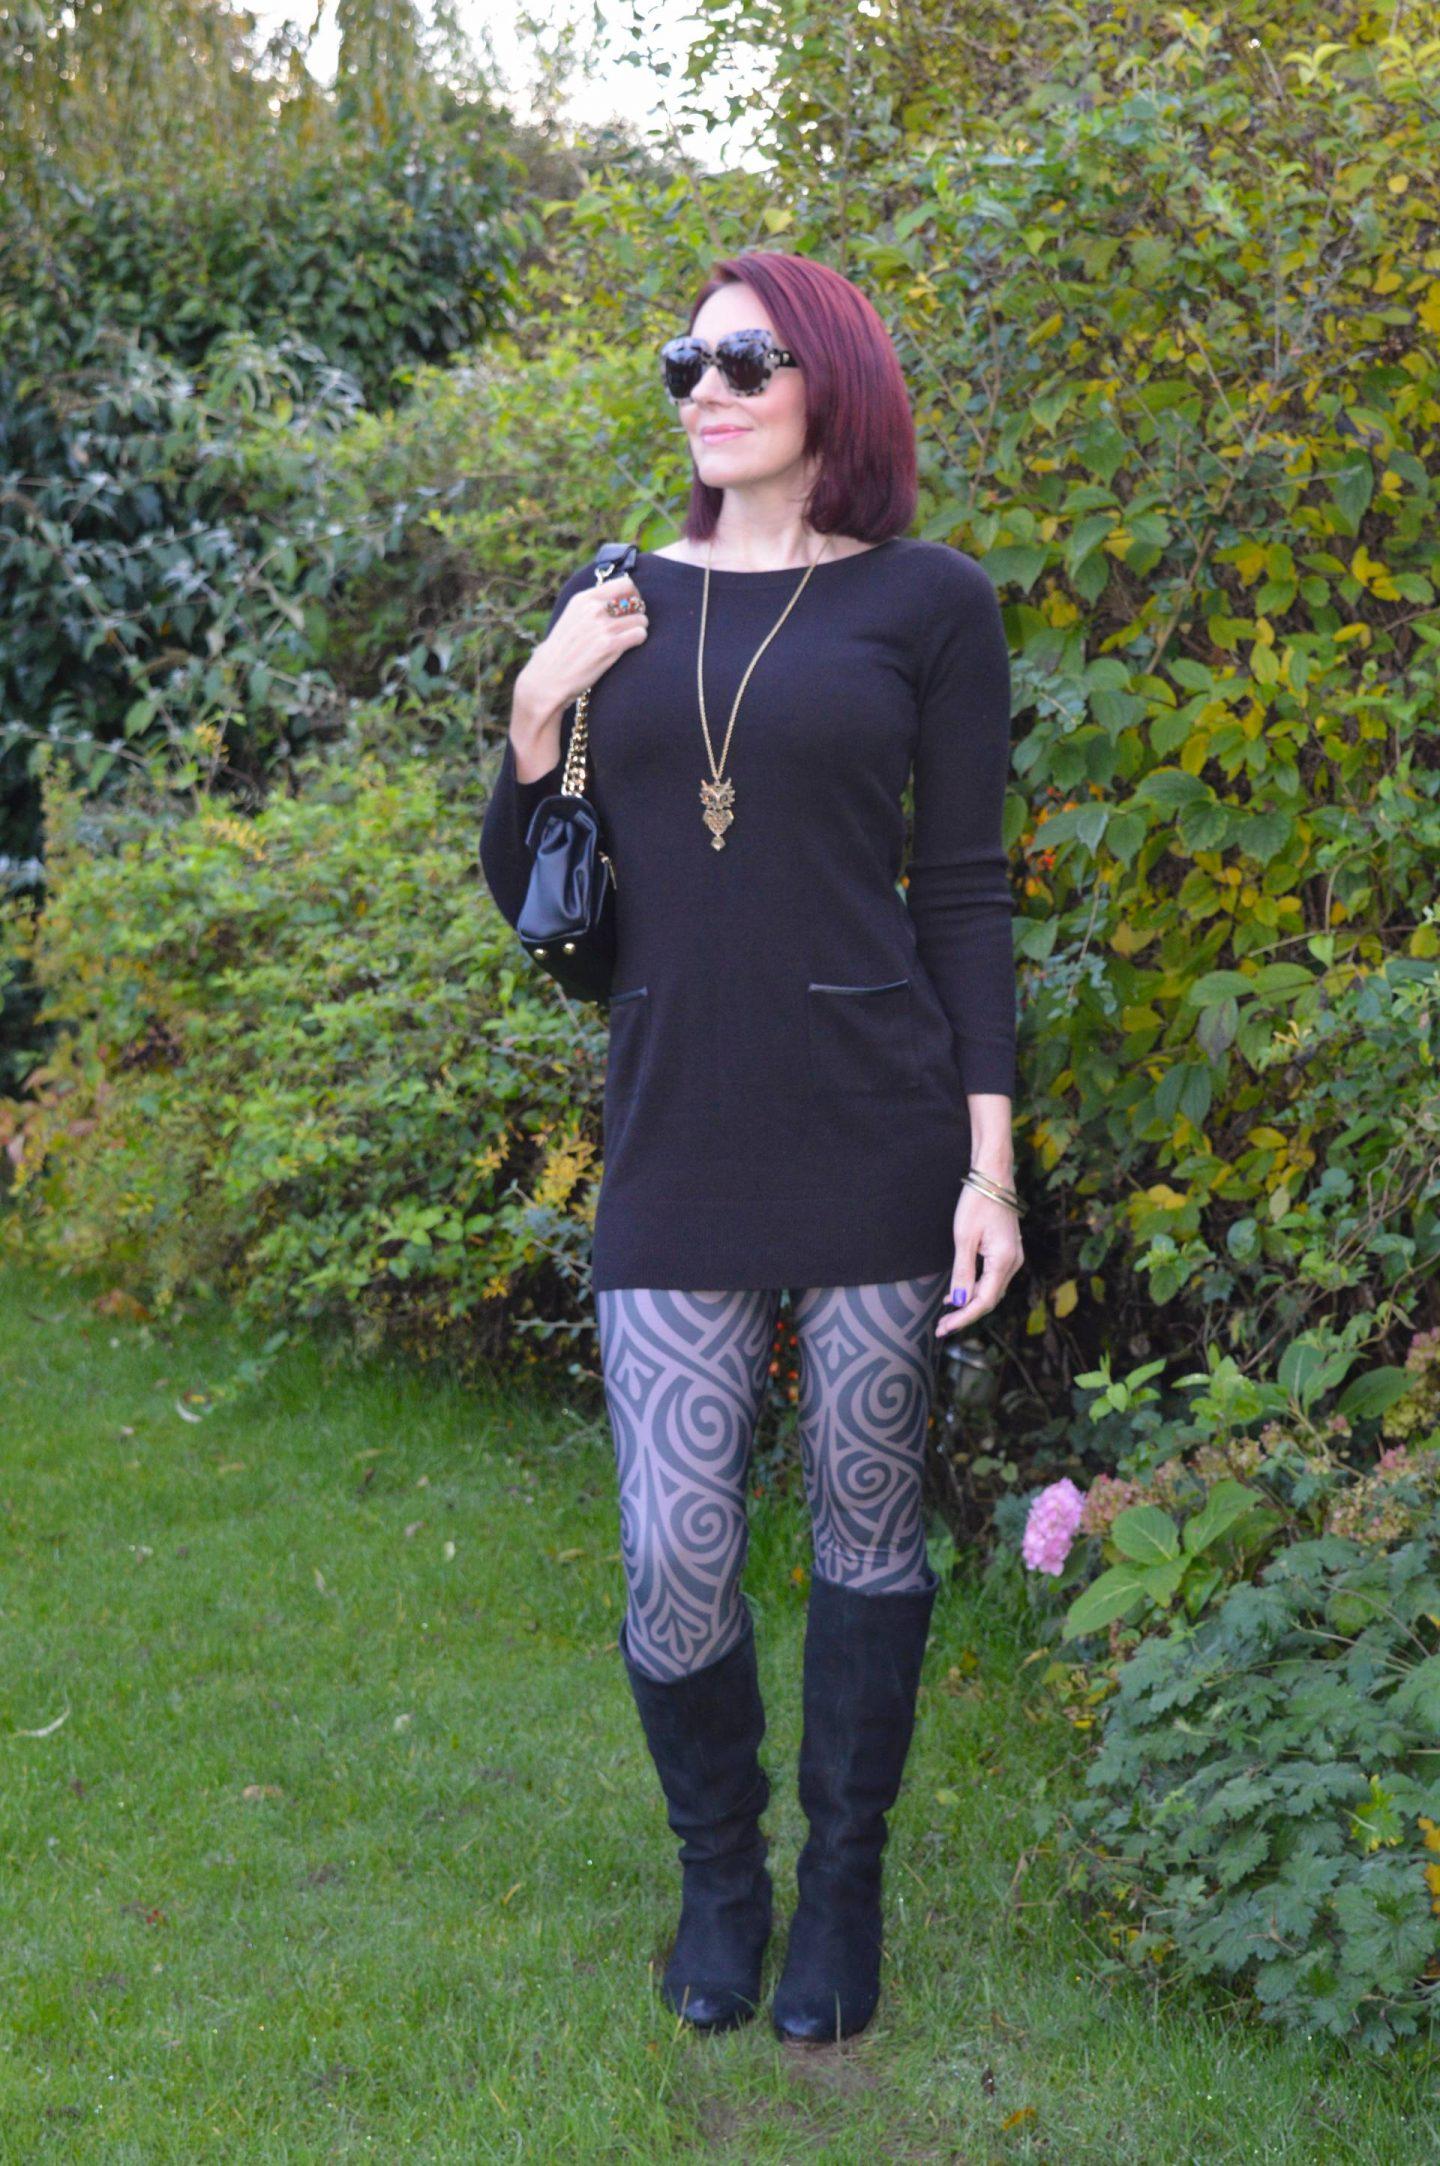 Lovely in Leggings - November Stylish Monday link up, Meadowlark leggings